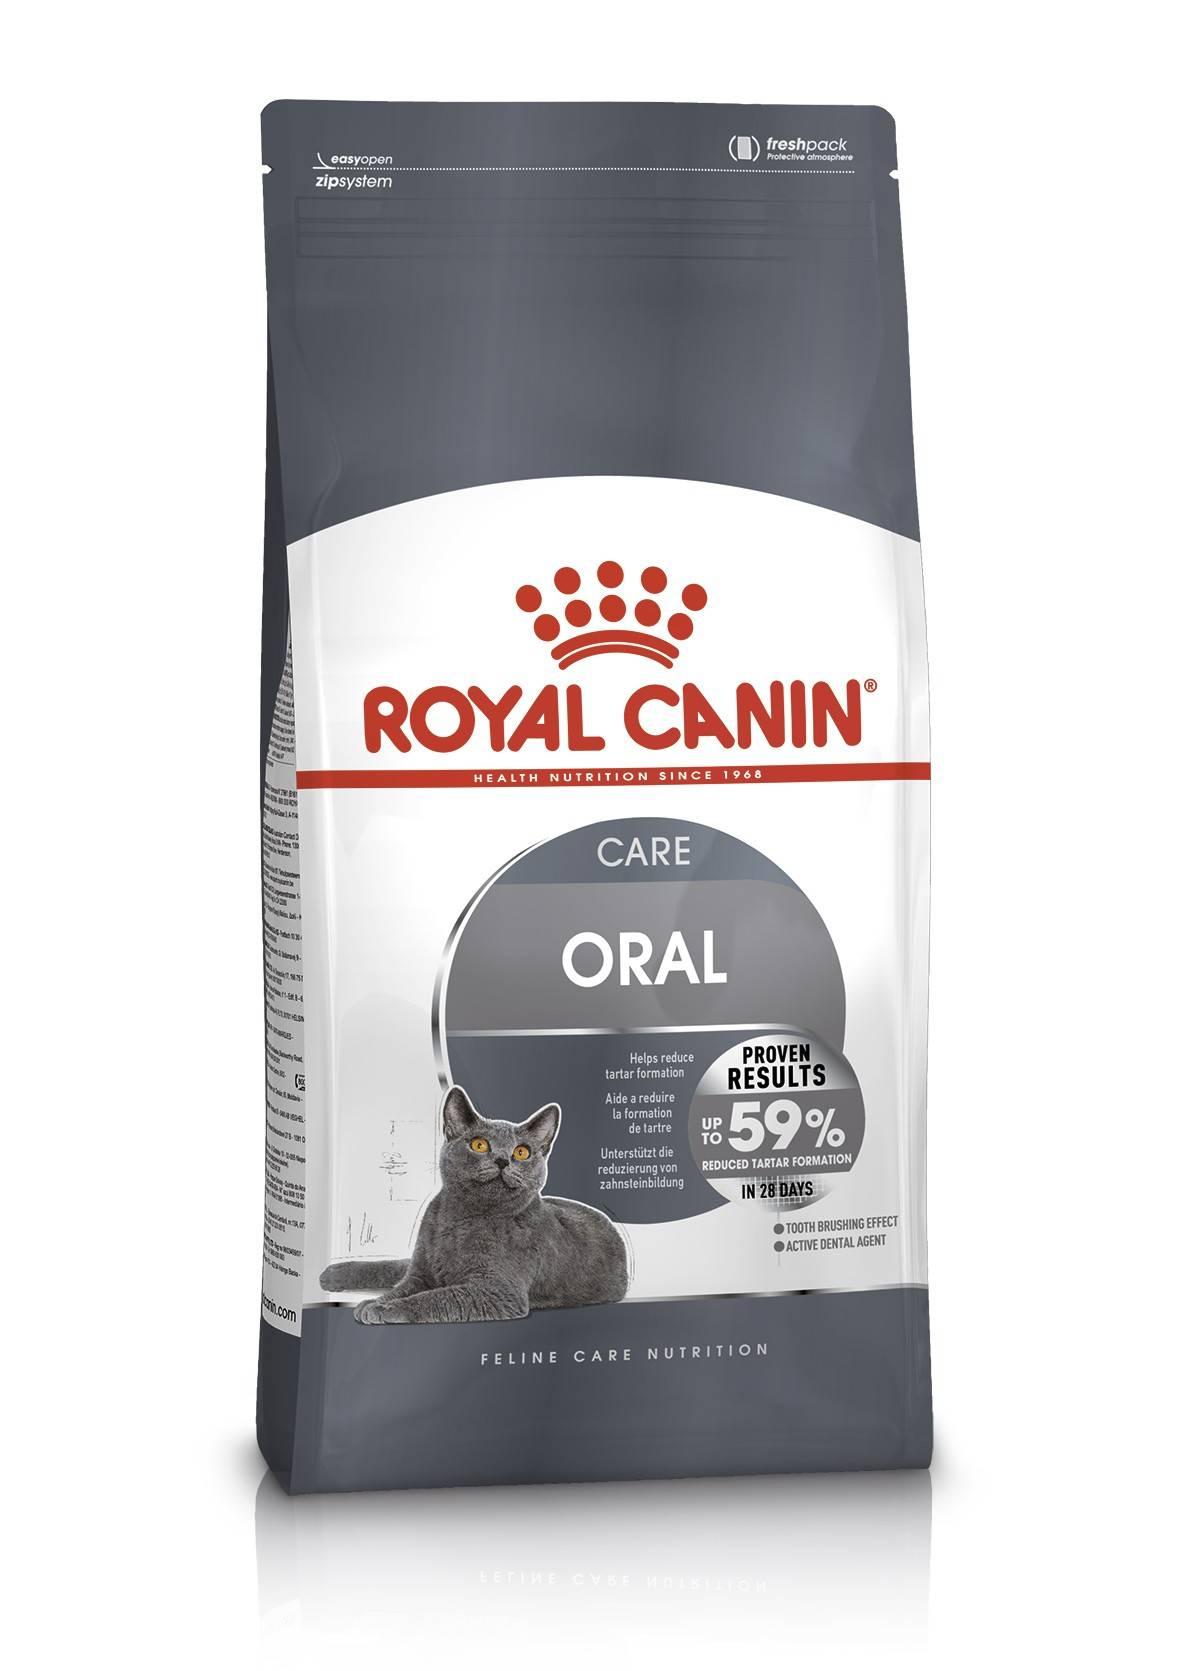 ROYAL CANIN ORAL CARE – сухой корм для взрослых котов для ухода за ротовой полостью